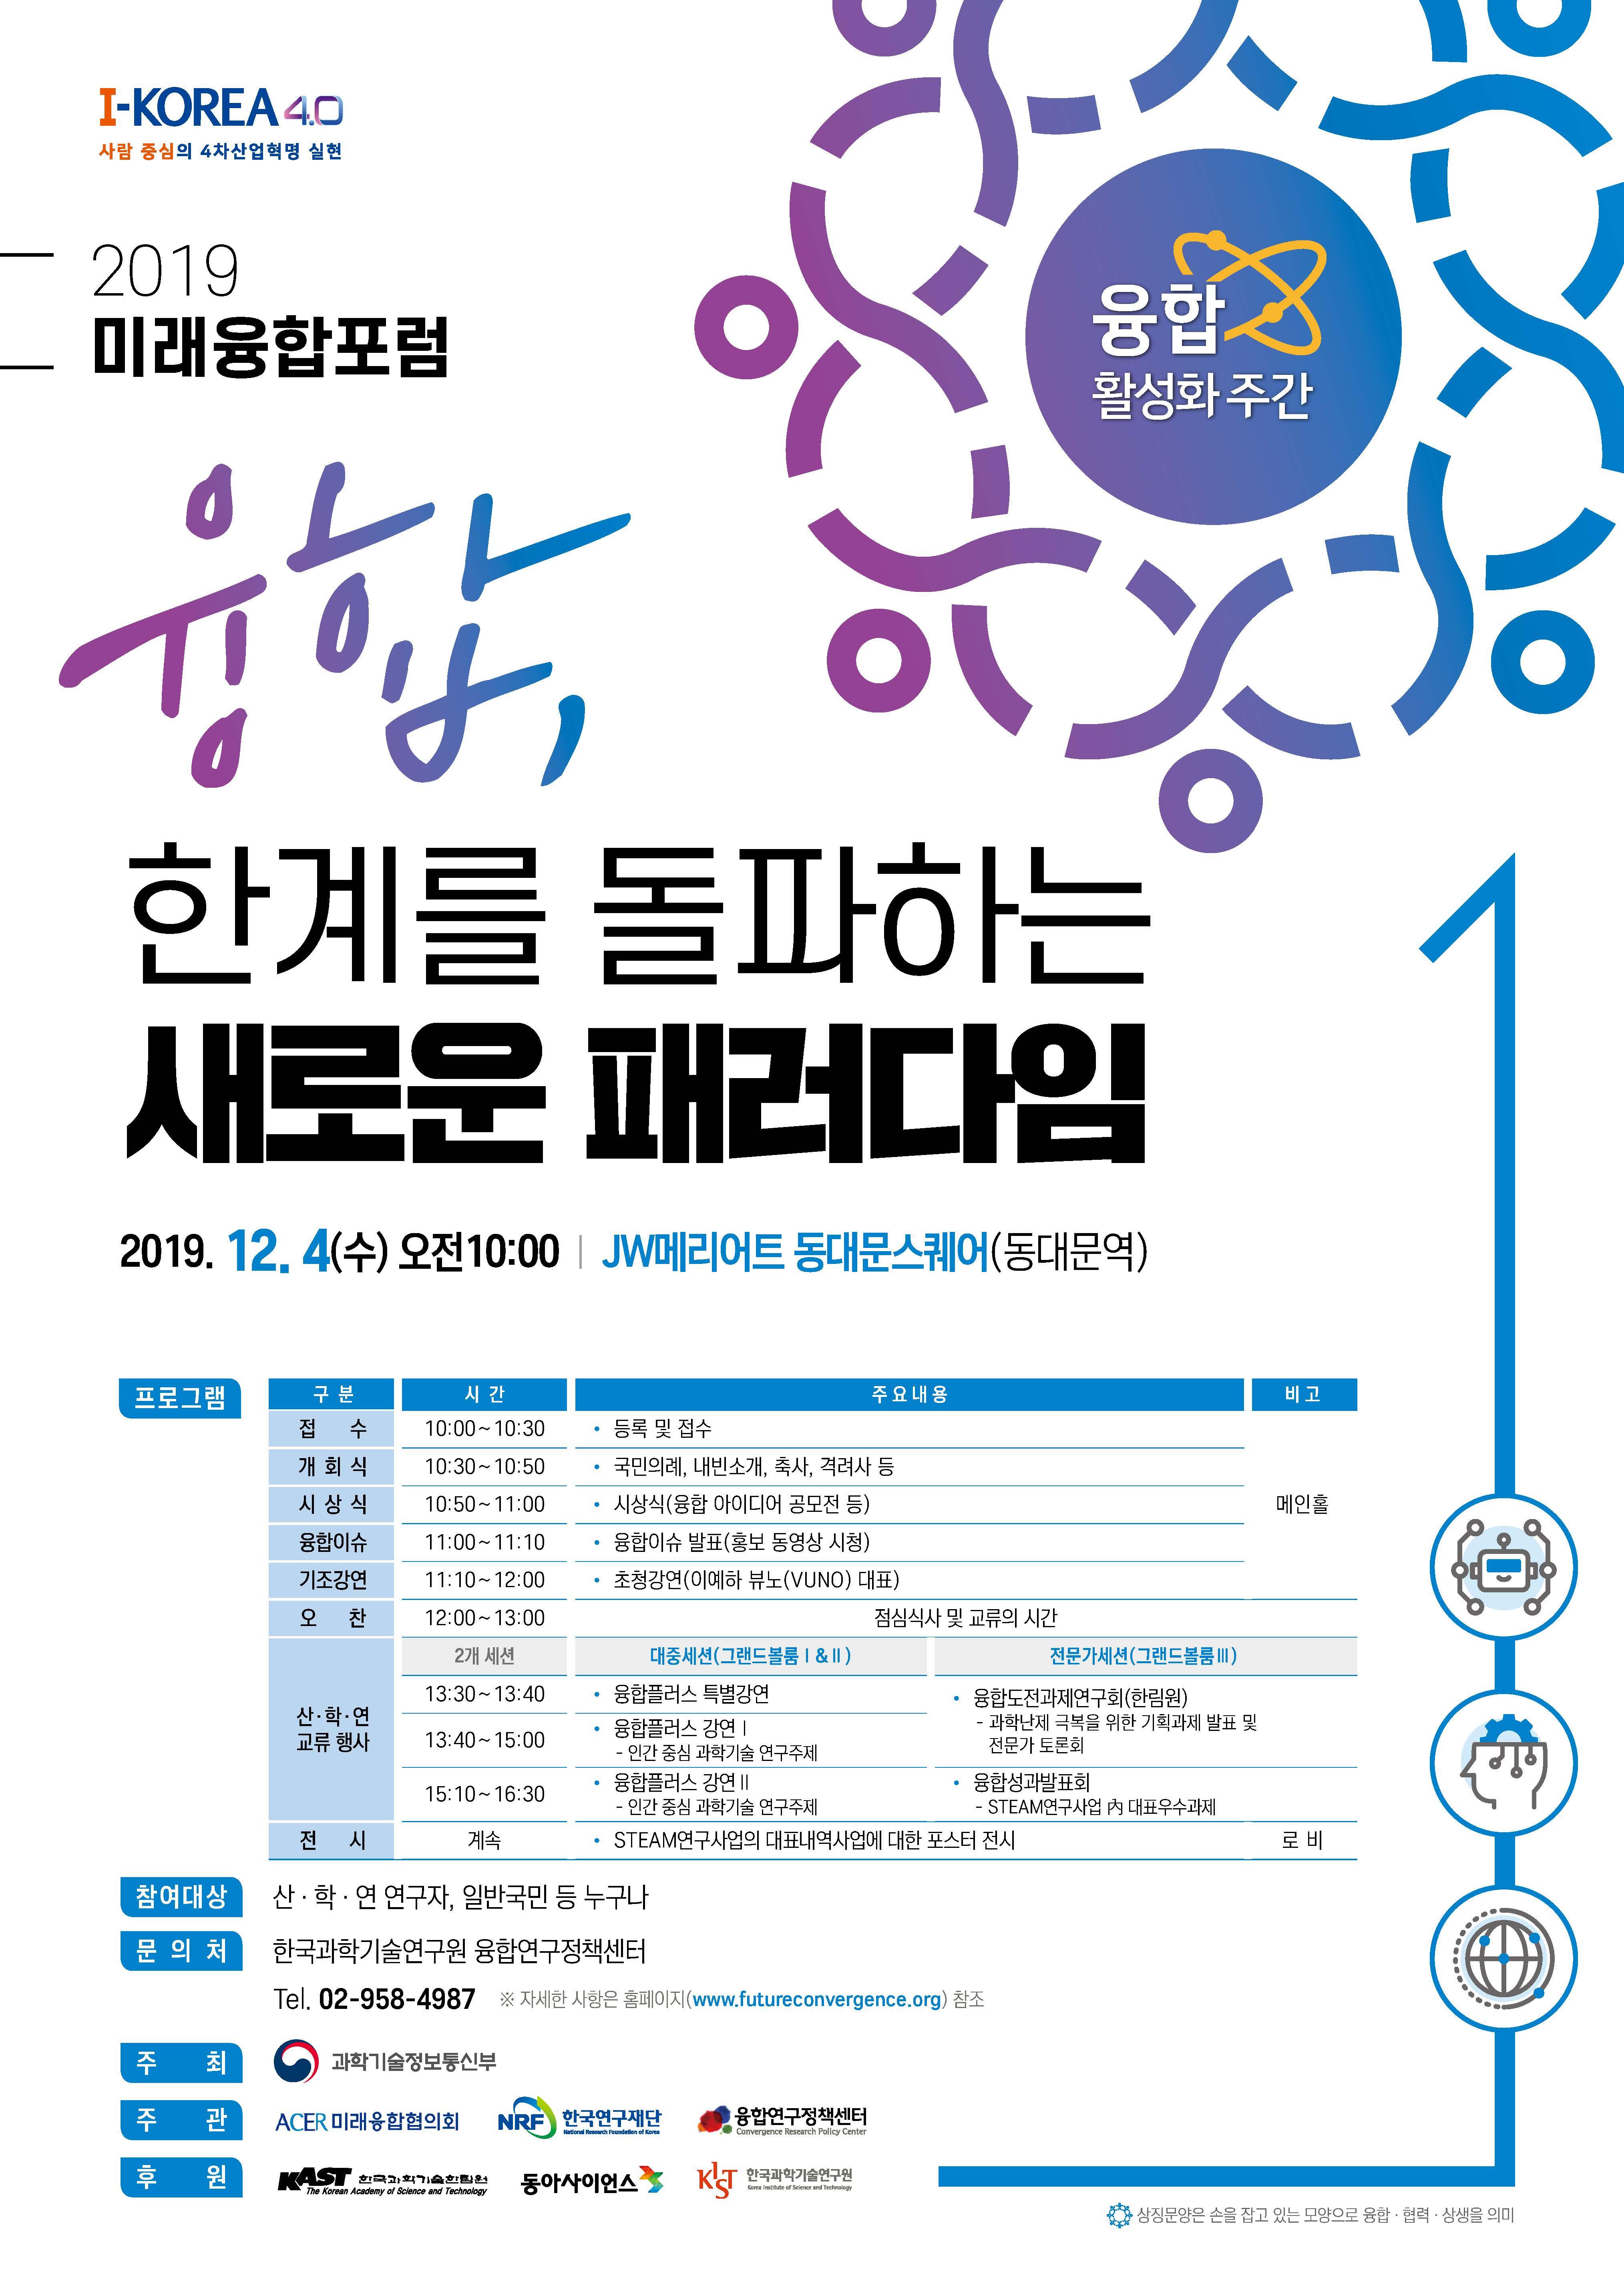 과학기술정보통신부_2019 미래융합포럼(12월4일)_포스터.jpg